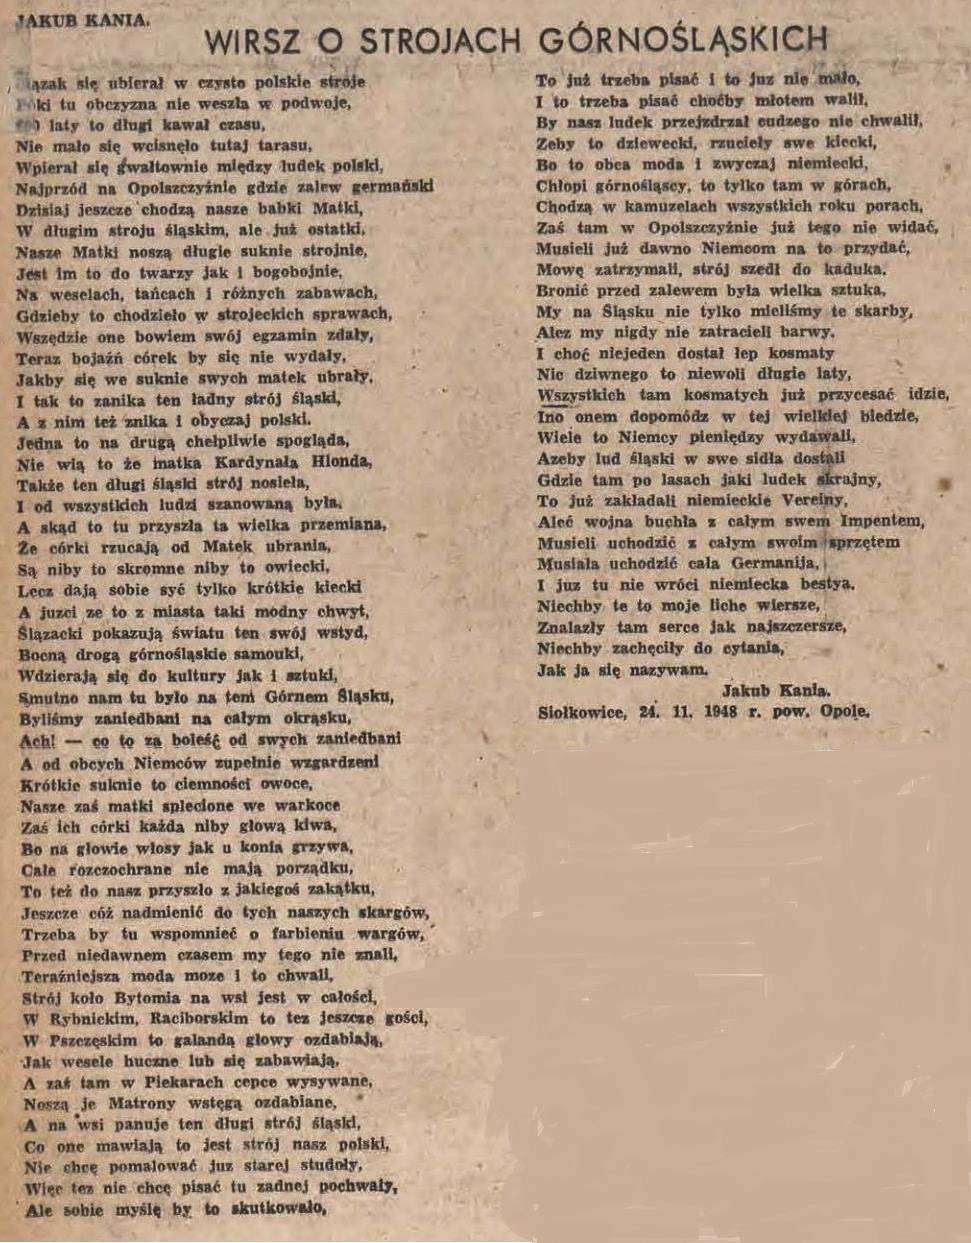 J.-Kania-Wiersz-o-strojach-górnośląskich-1948-r